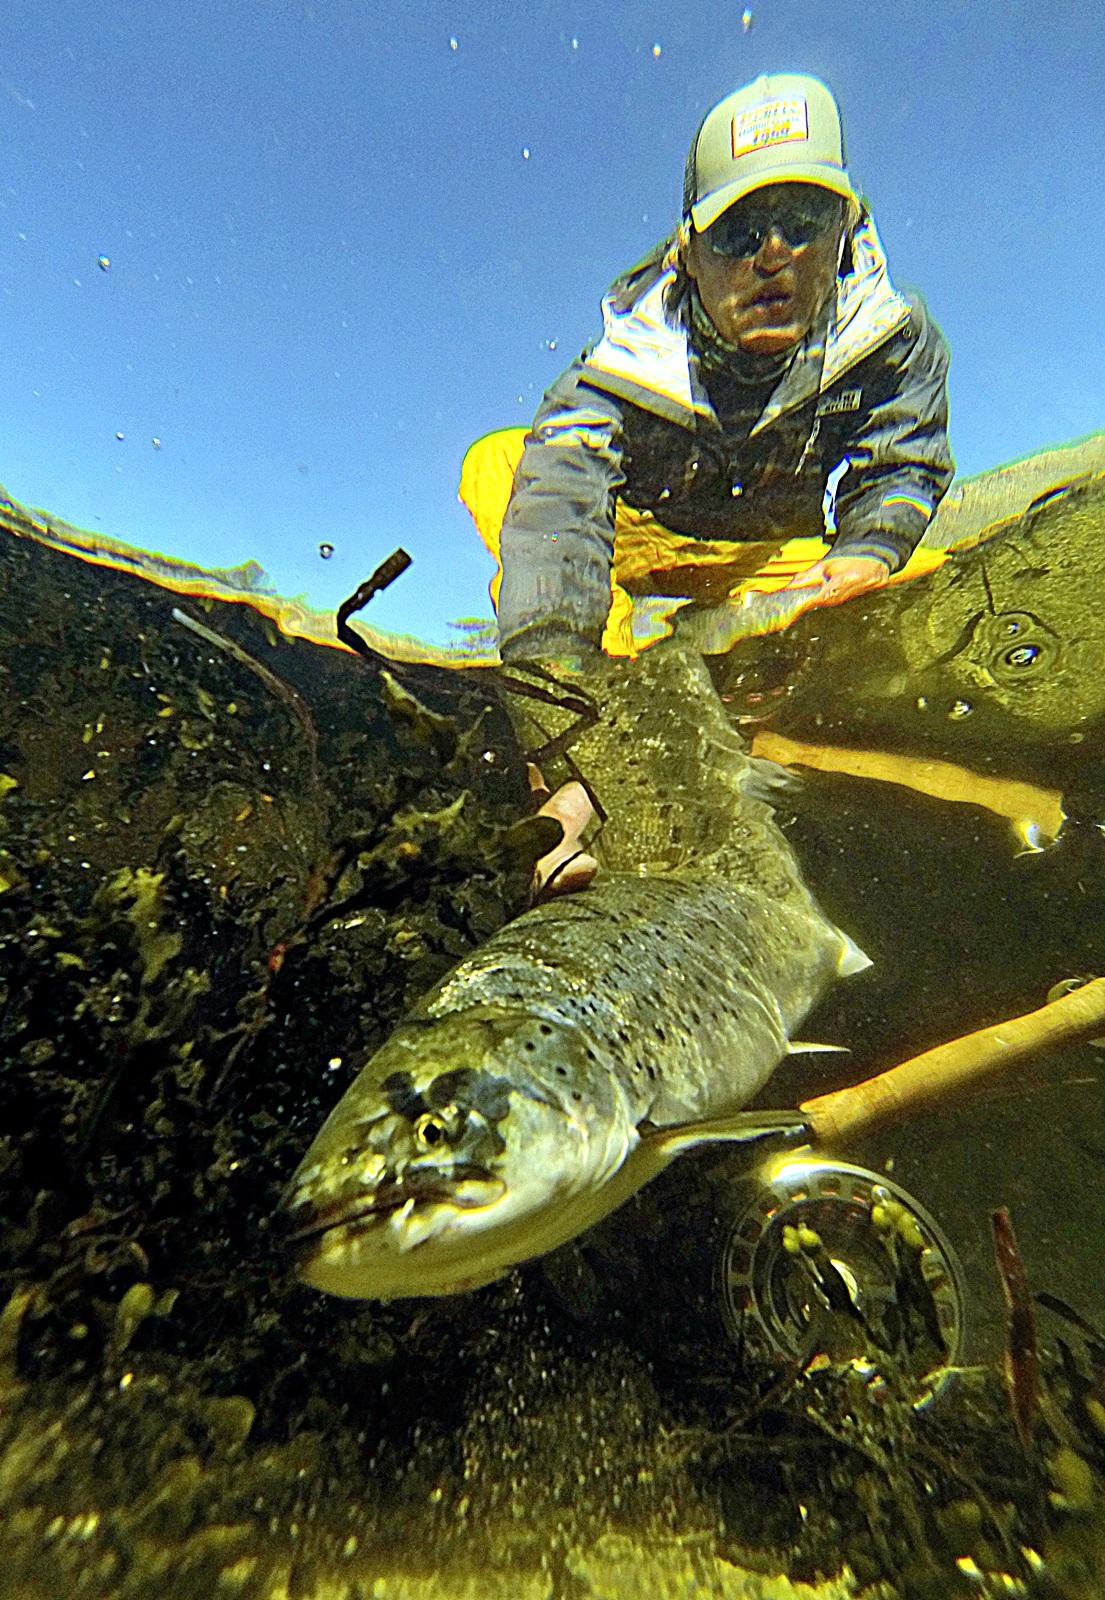 Sjøørreten fikk friheten tilbake, viktig at de flotteste fiskene får sjanse til å reprodusere